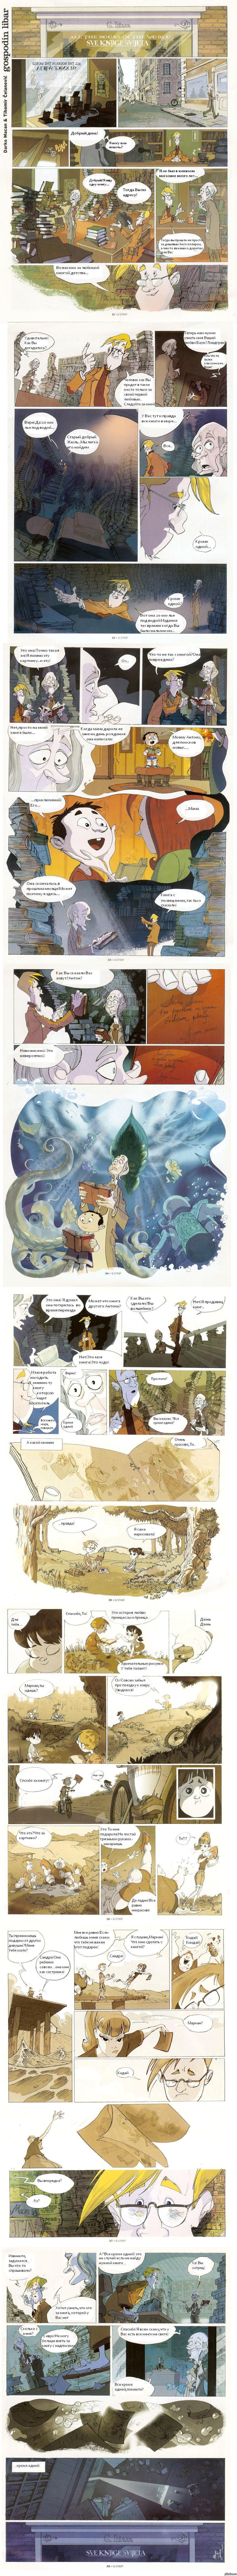 Рассказы переодевание комиксы 16 фотография